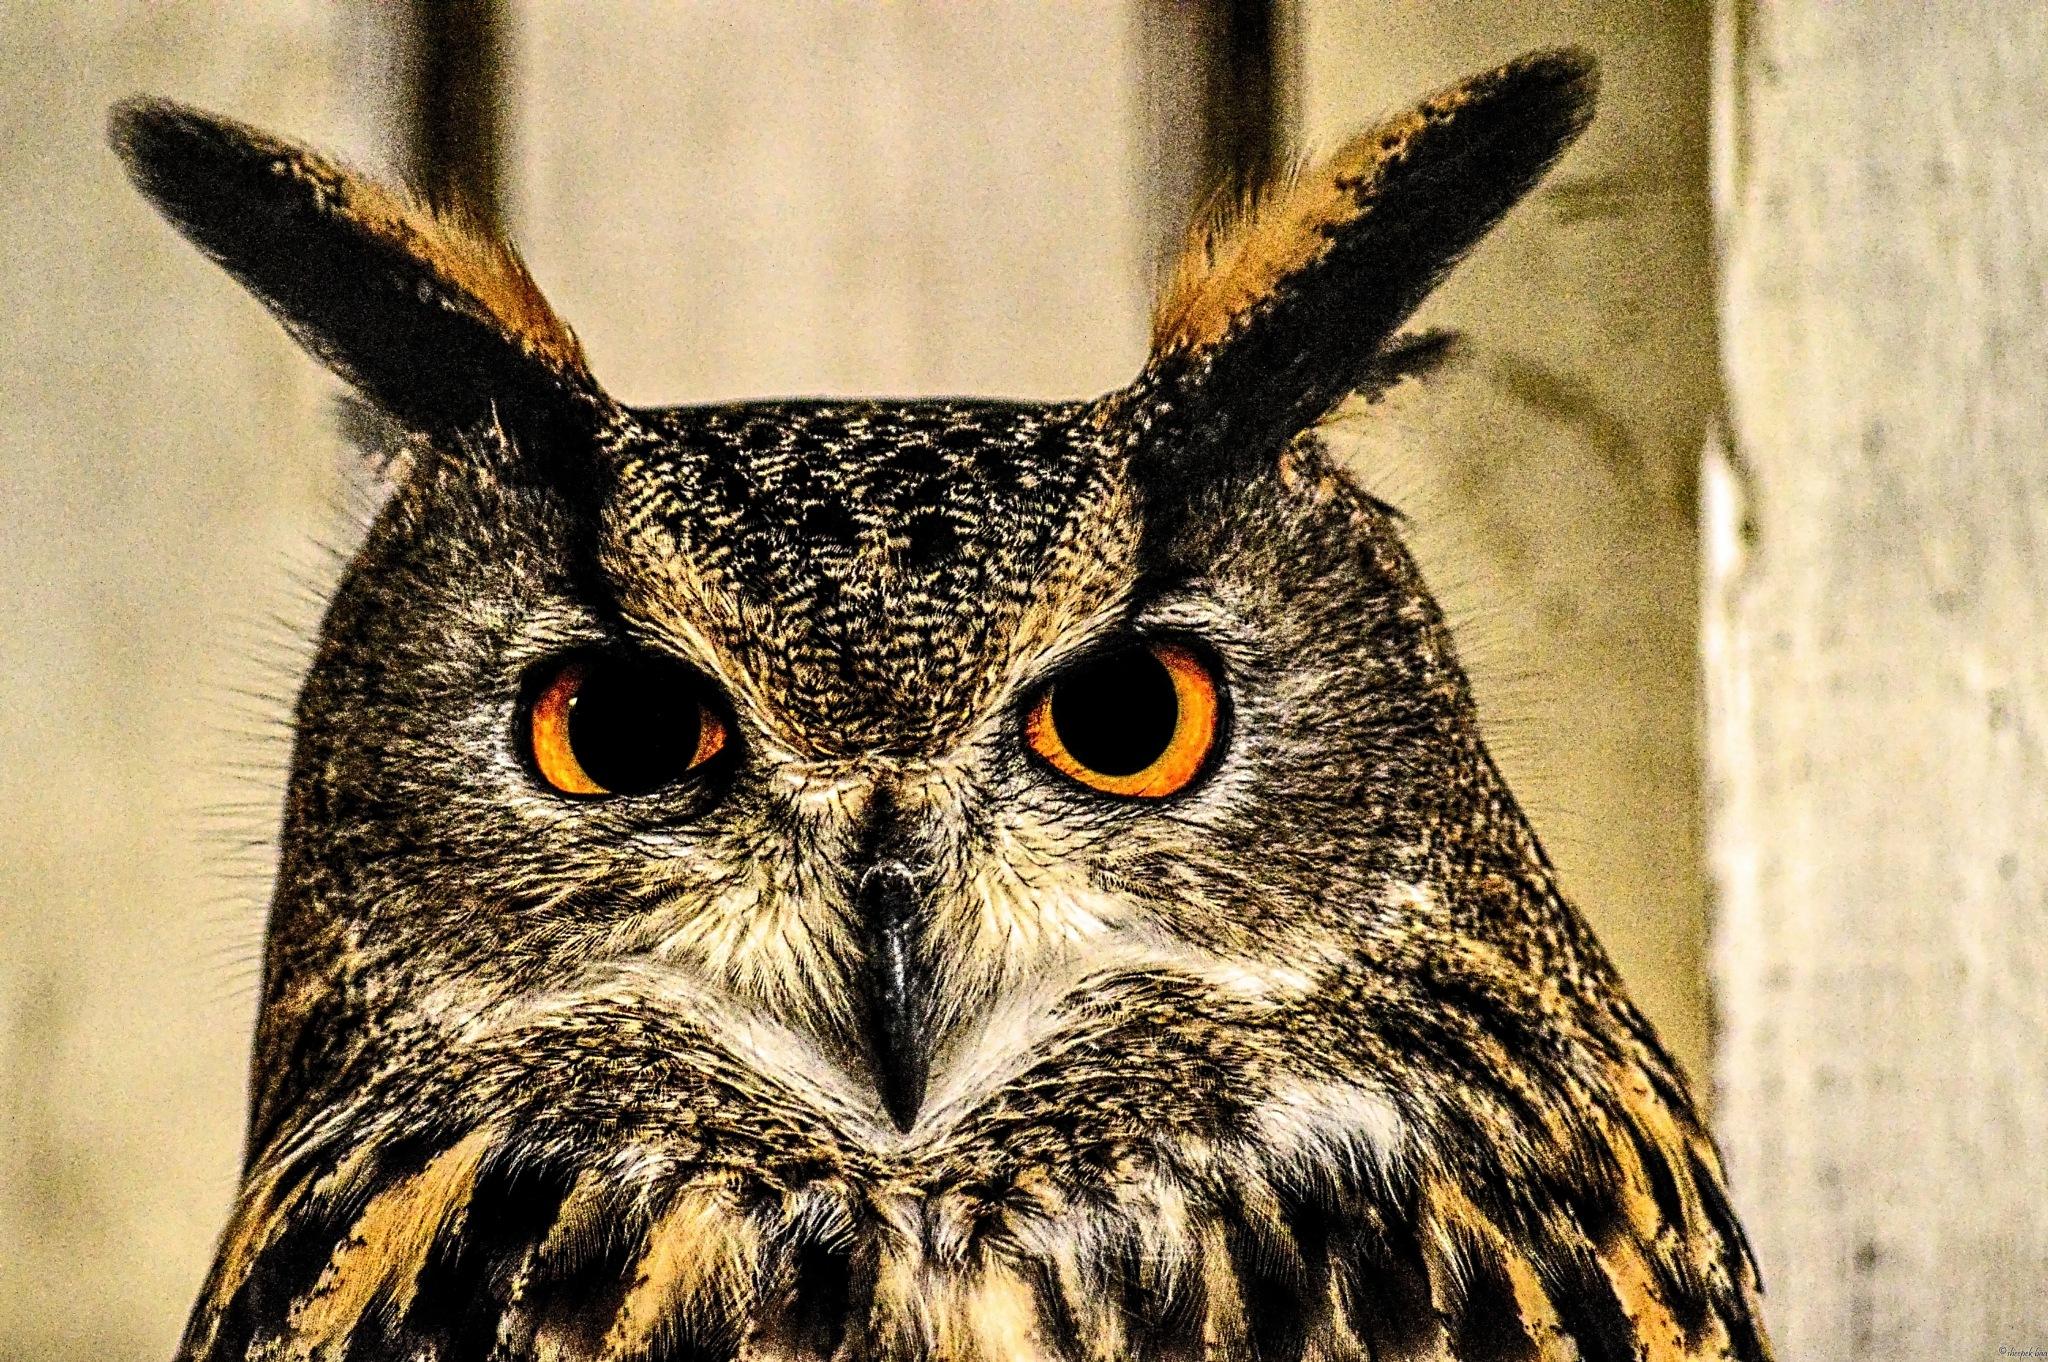 owl by Sheepekbaa